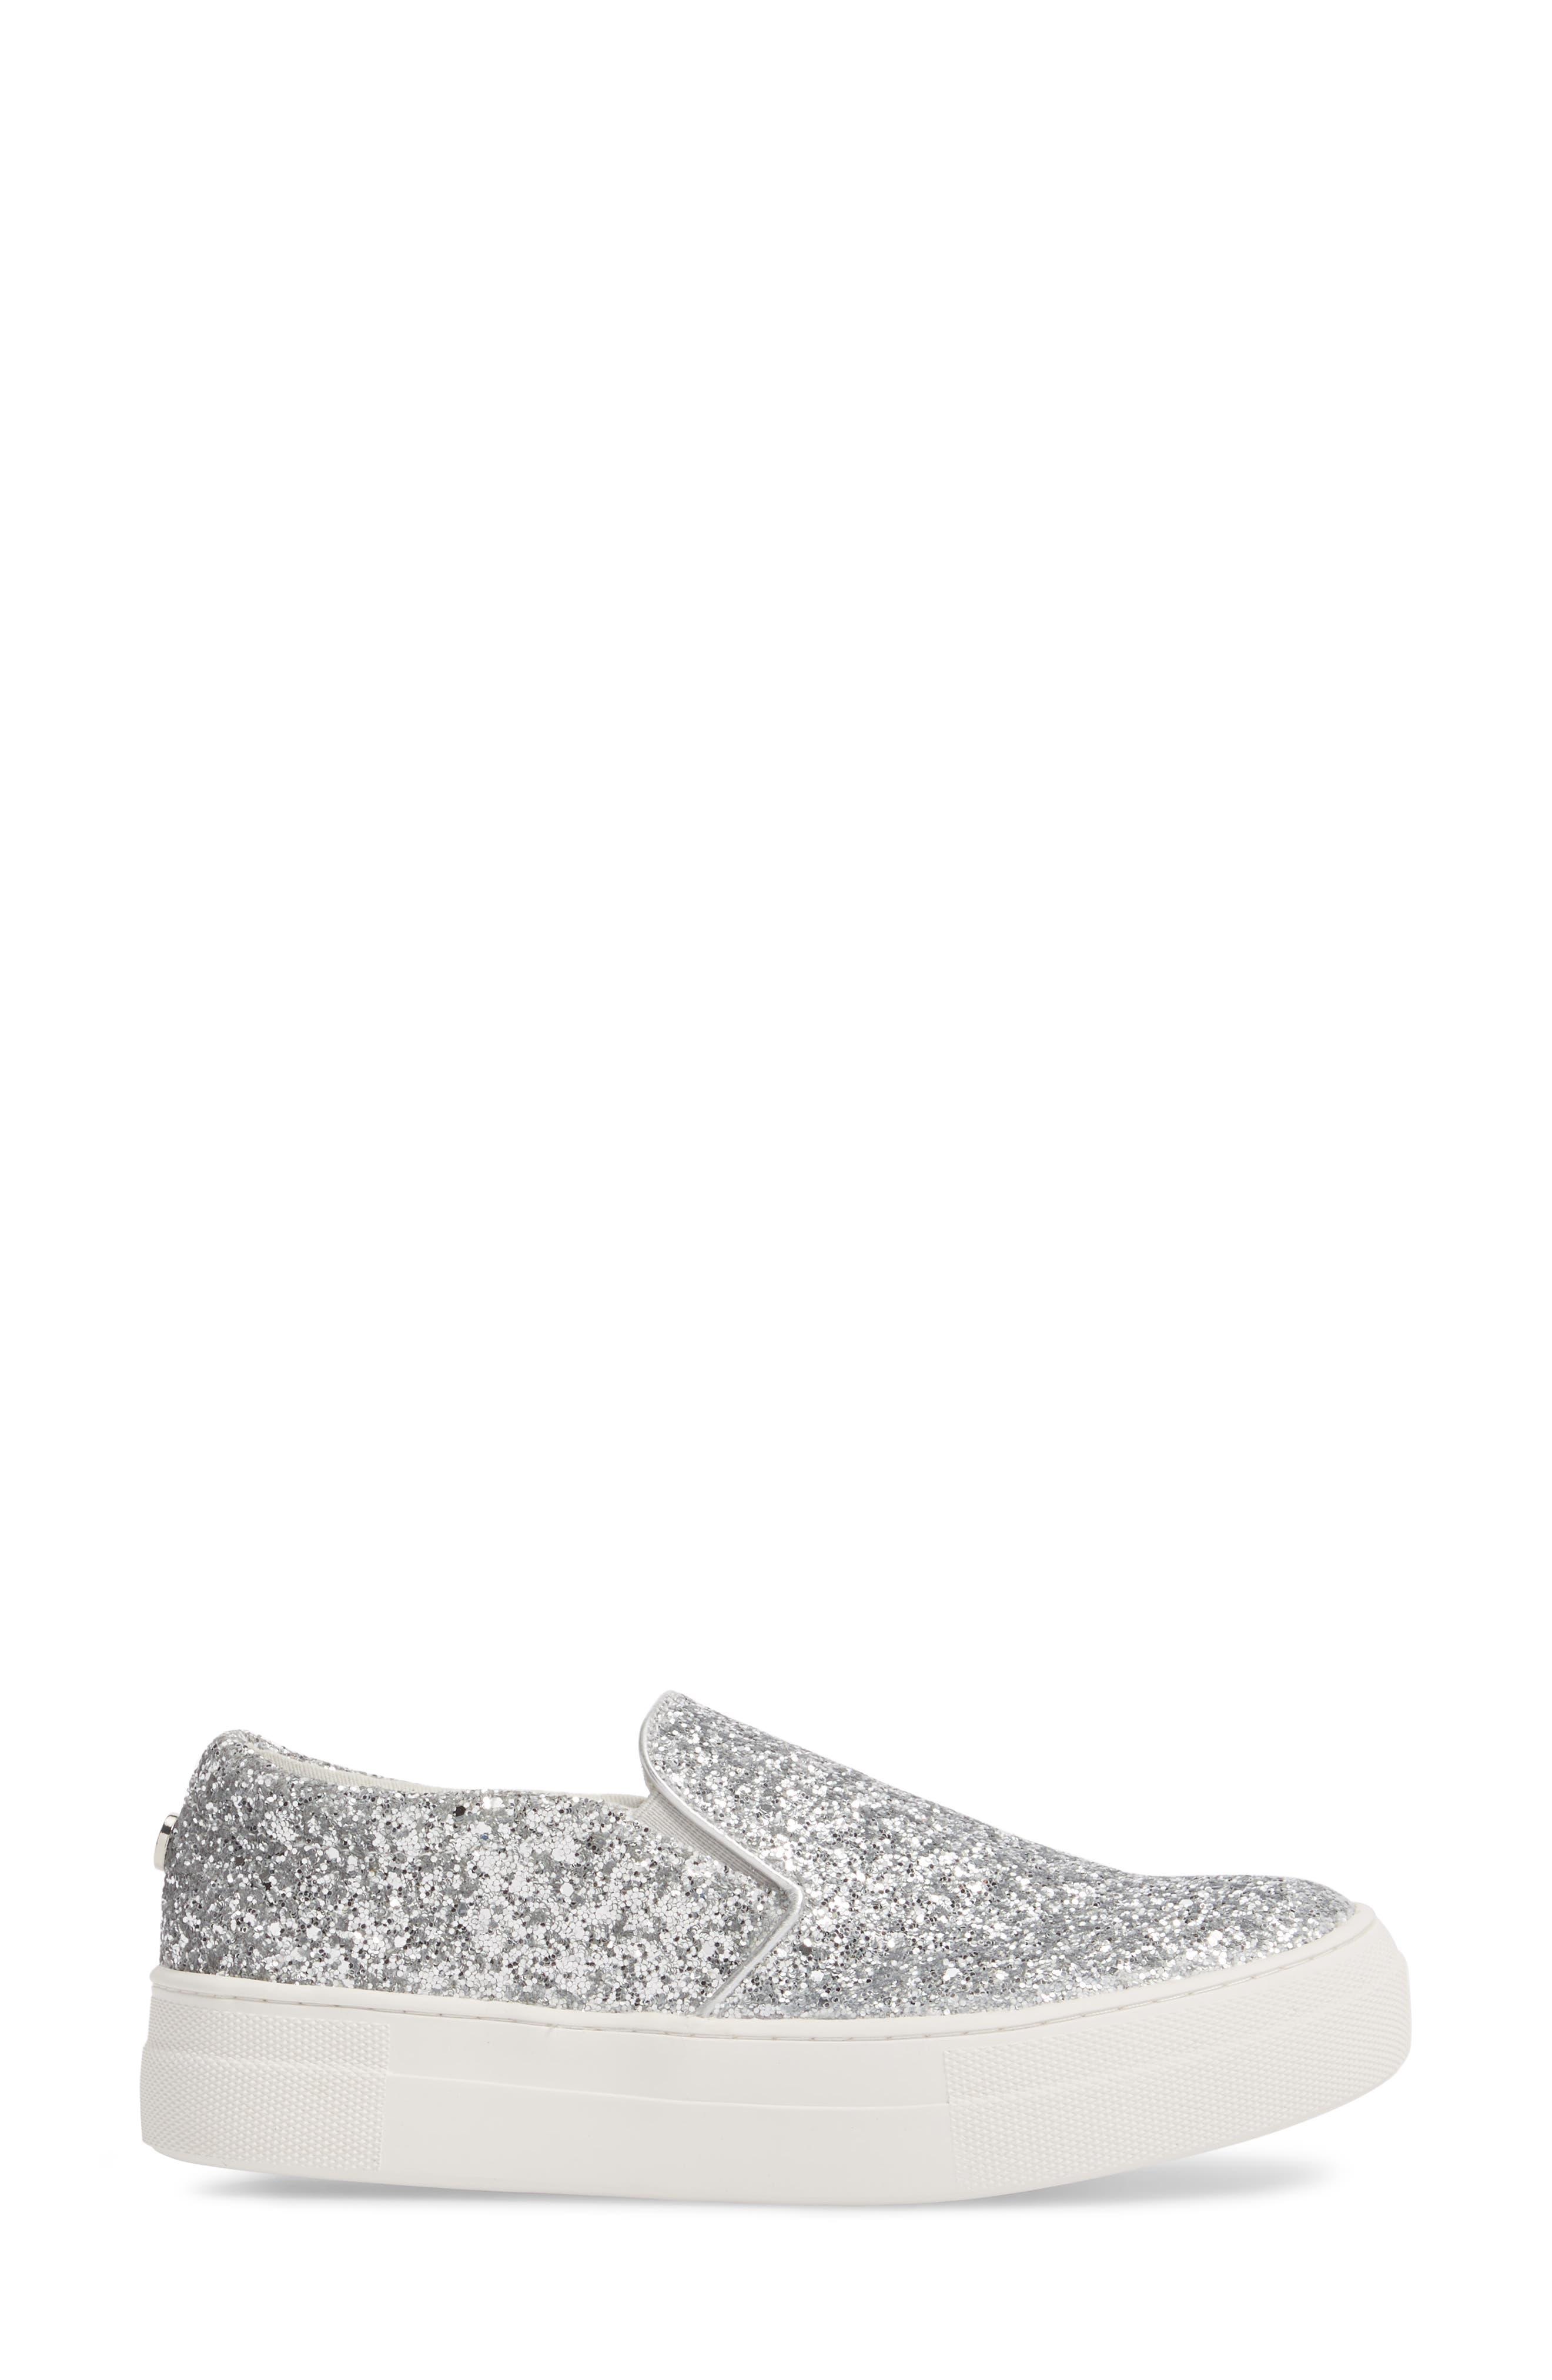 Gills Platform Slip-On Sneaker,                             Alternate thumbnail 3, color,                             Silver Glitter